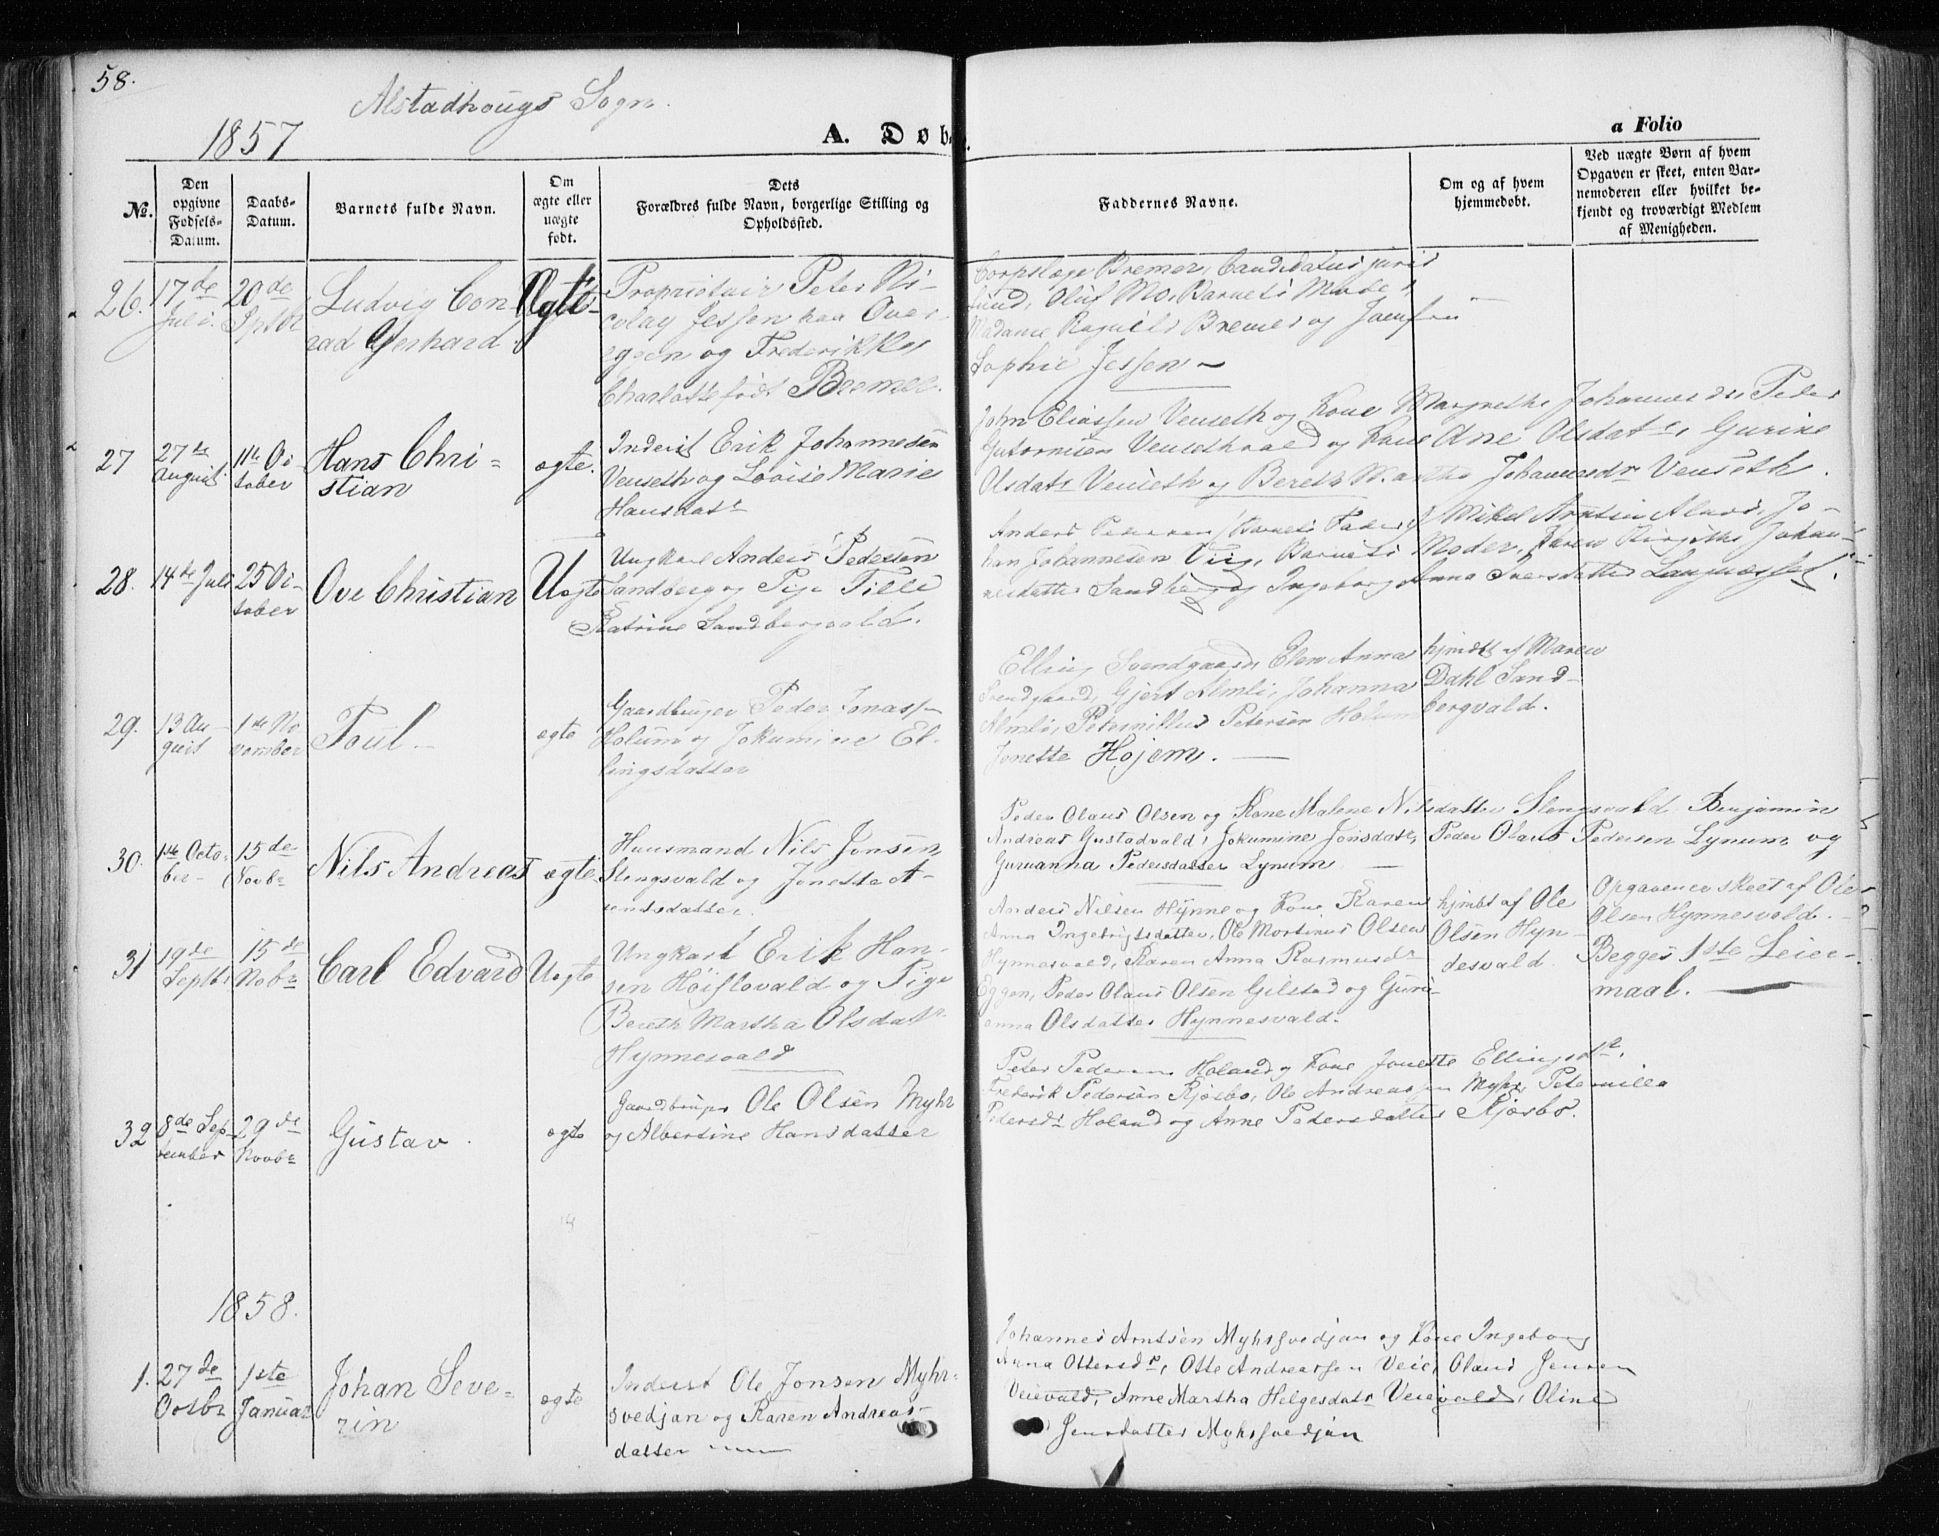 SAT, Ministerialprotokoller, klokkerbøker og fødselsregistre - Nord-Trøndelag, 717/L0154: Ministerialbok nr. 717A07 /1, 1850-1862, s. 58